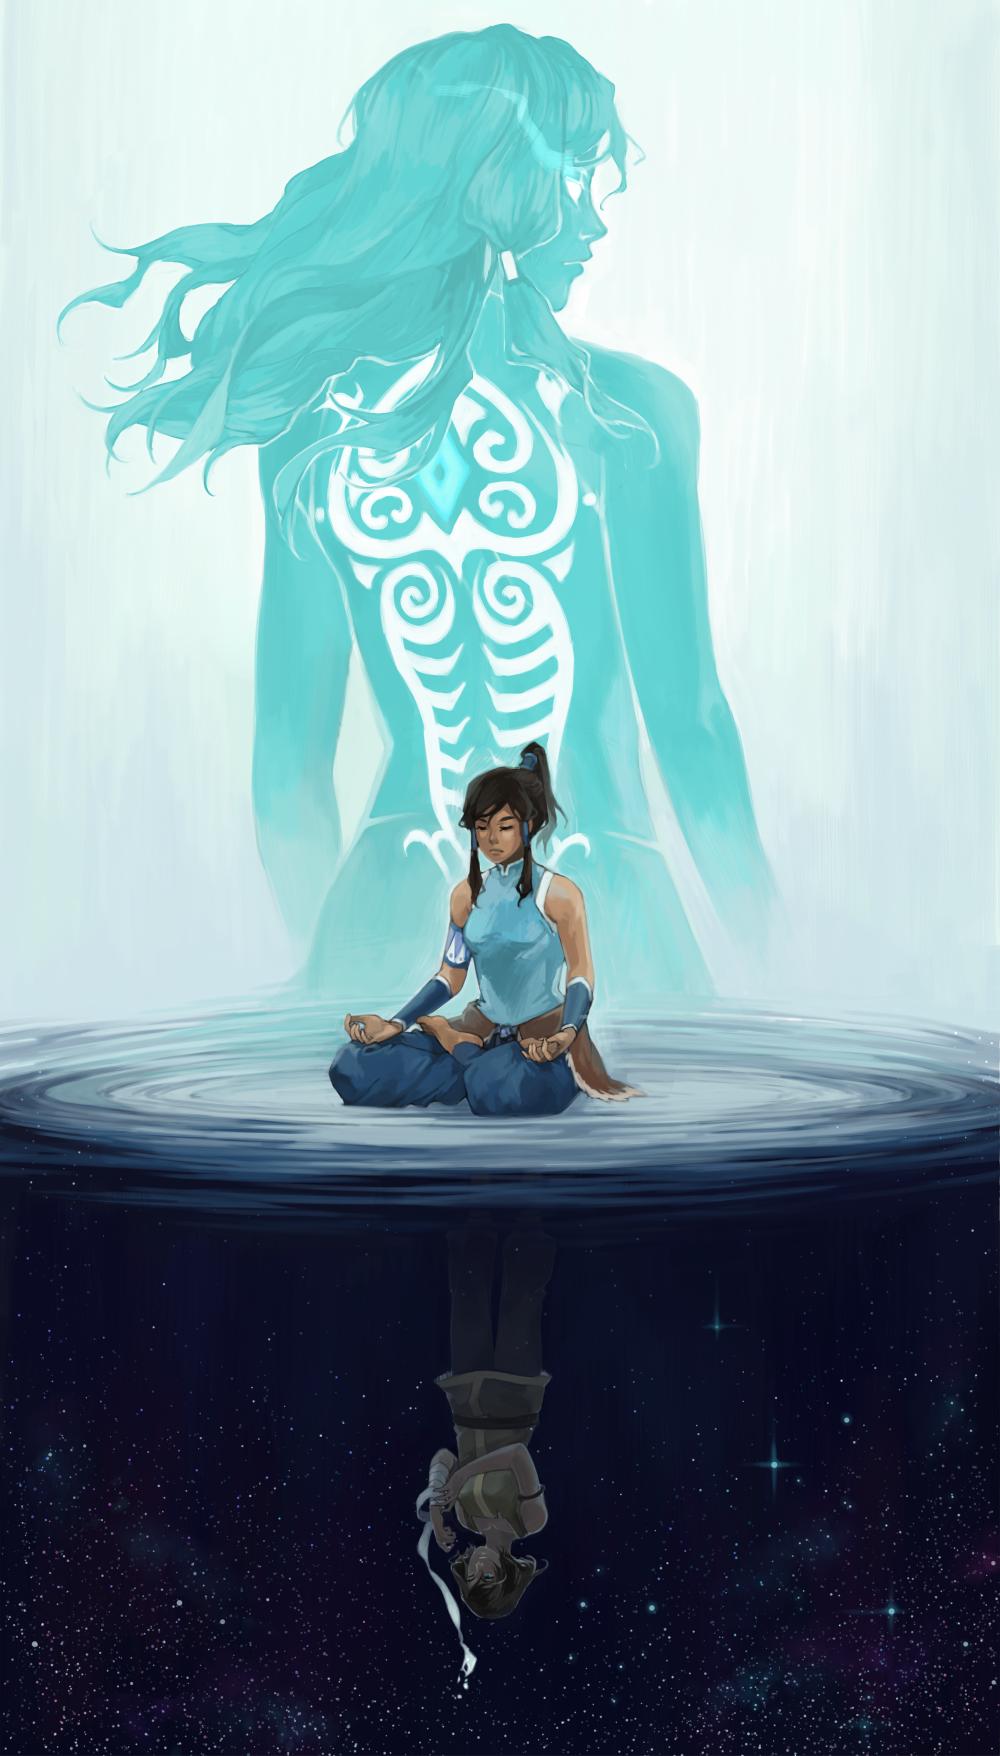 Обои Вода, корра, kyoshi, ..., воздух, Року, the legend of korra, земля, Киоши. Фильмы foto 3